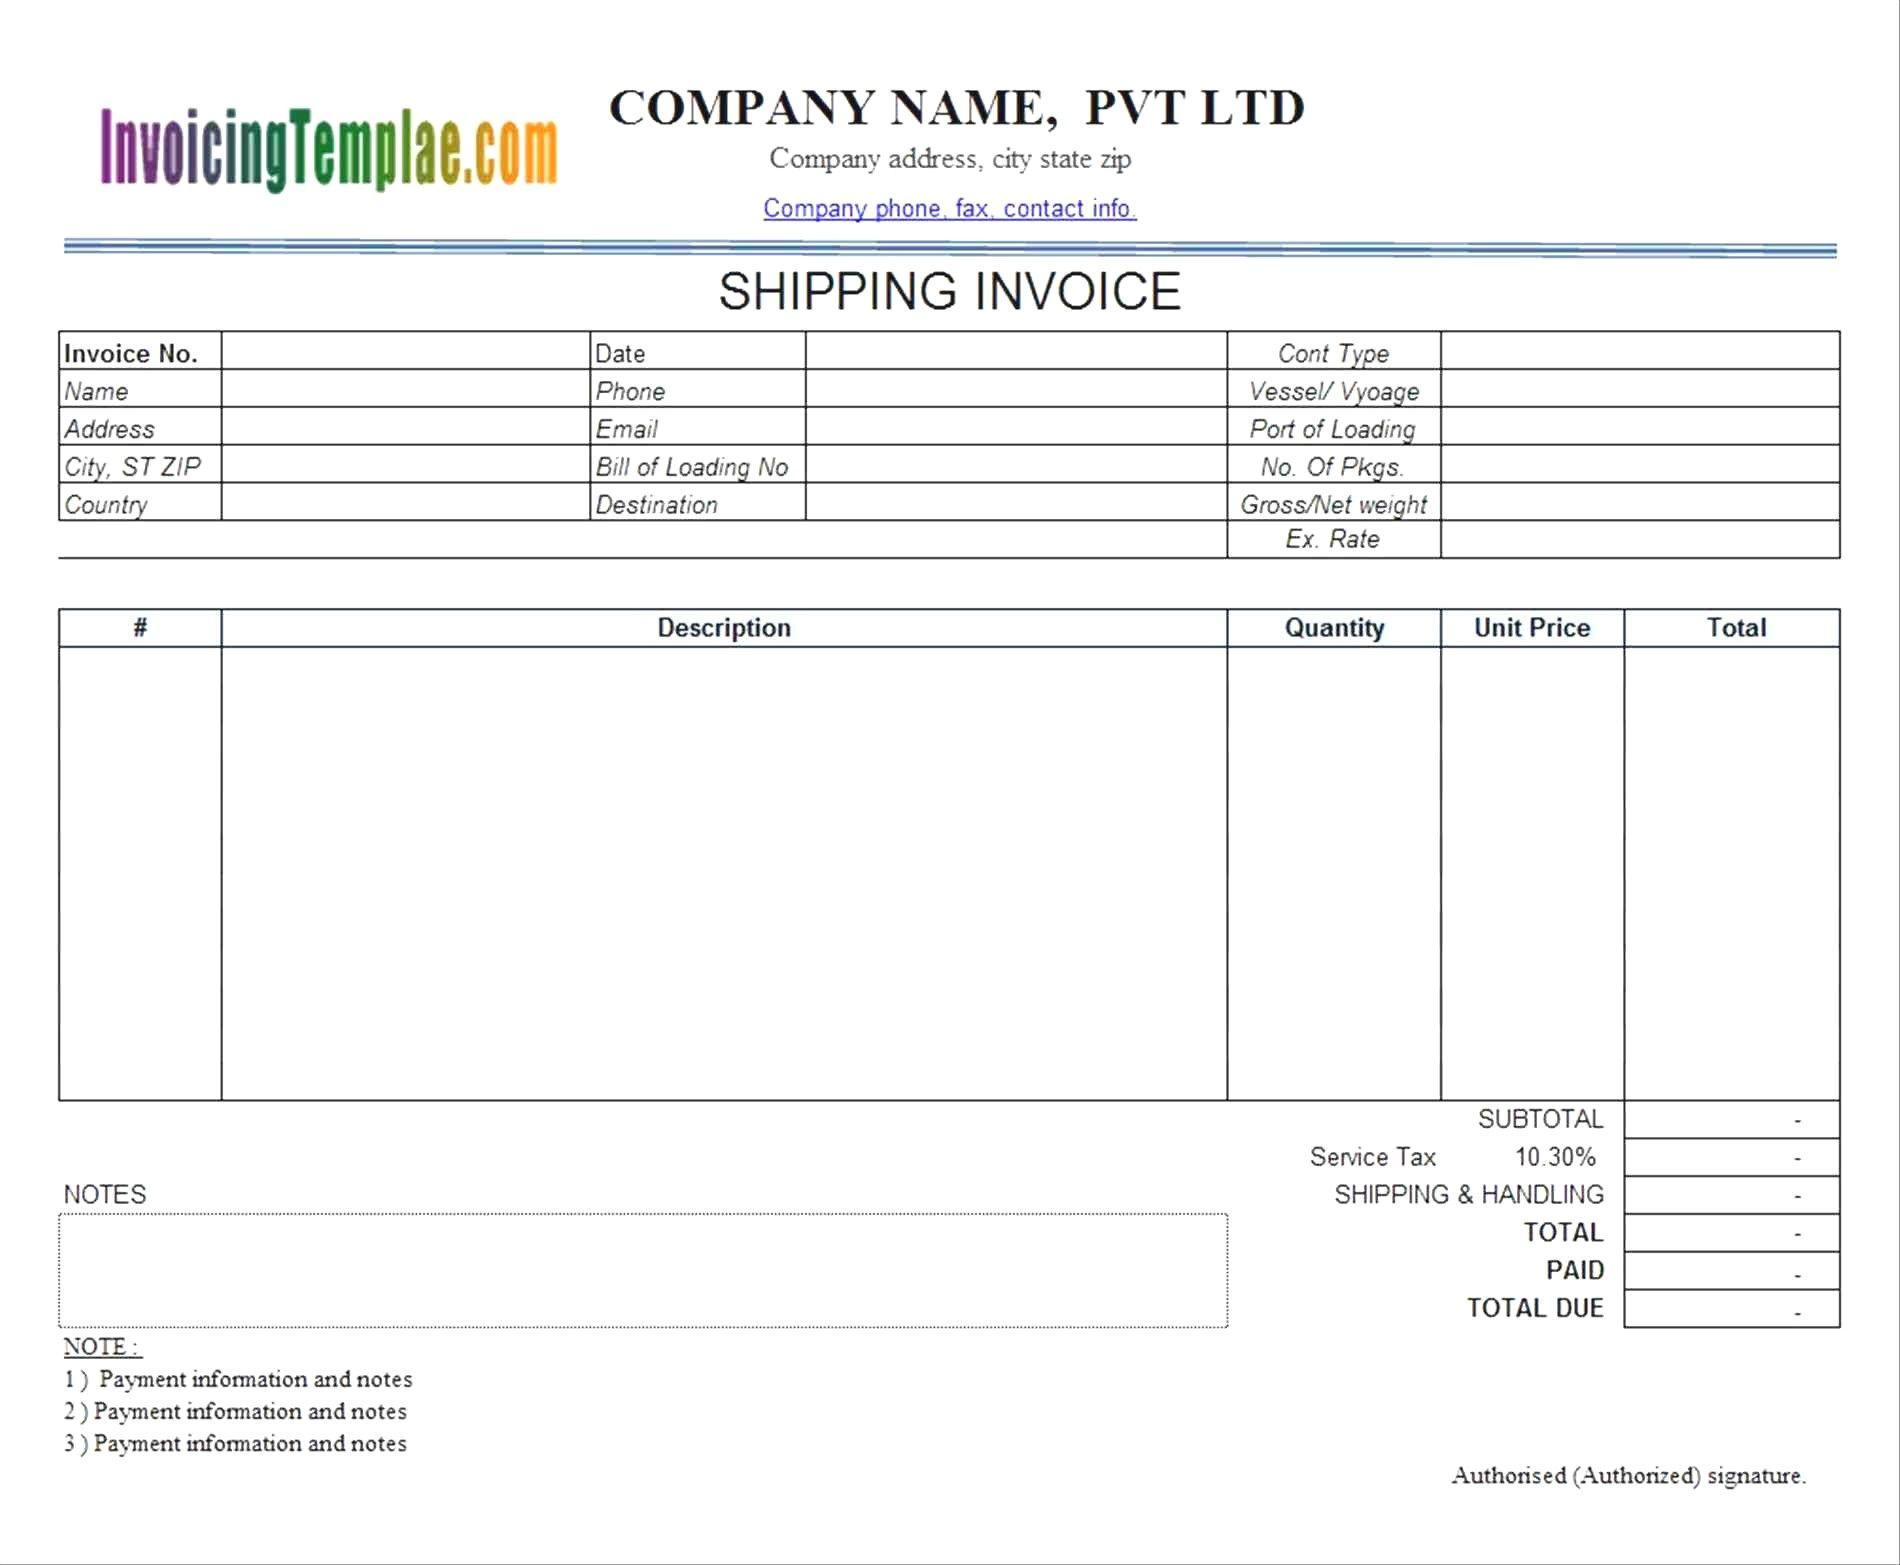 Unique Freight Invoice Template Exceltemplate Xls Xlstemplate Xlsformat Excelformat Microsoftexcel Invoice Template Templates Receipt Template